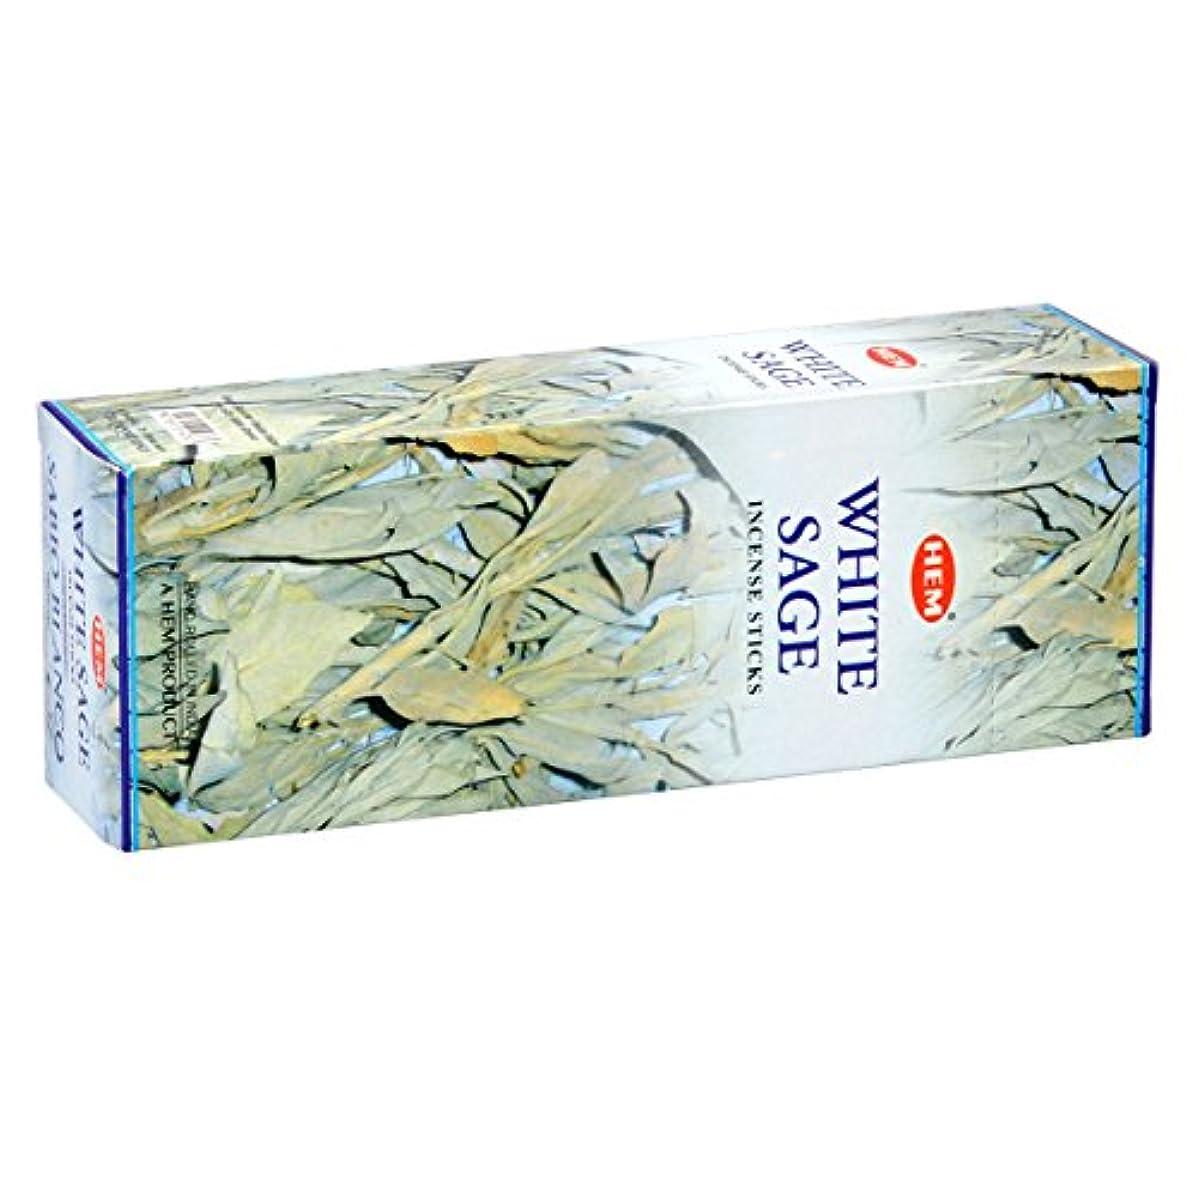 パワー不利テレックスHEM(ヘム) ホワイト セージ WHITE SAGE スティックタイプ お香 6筒 セット [並行輸入品]